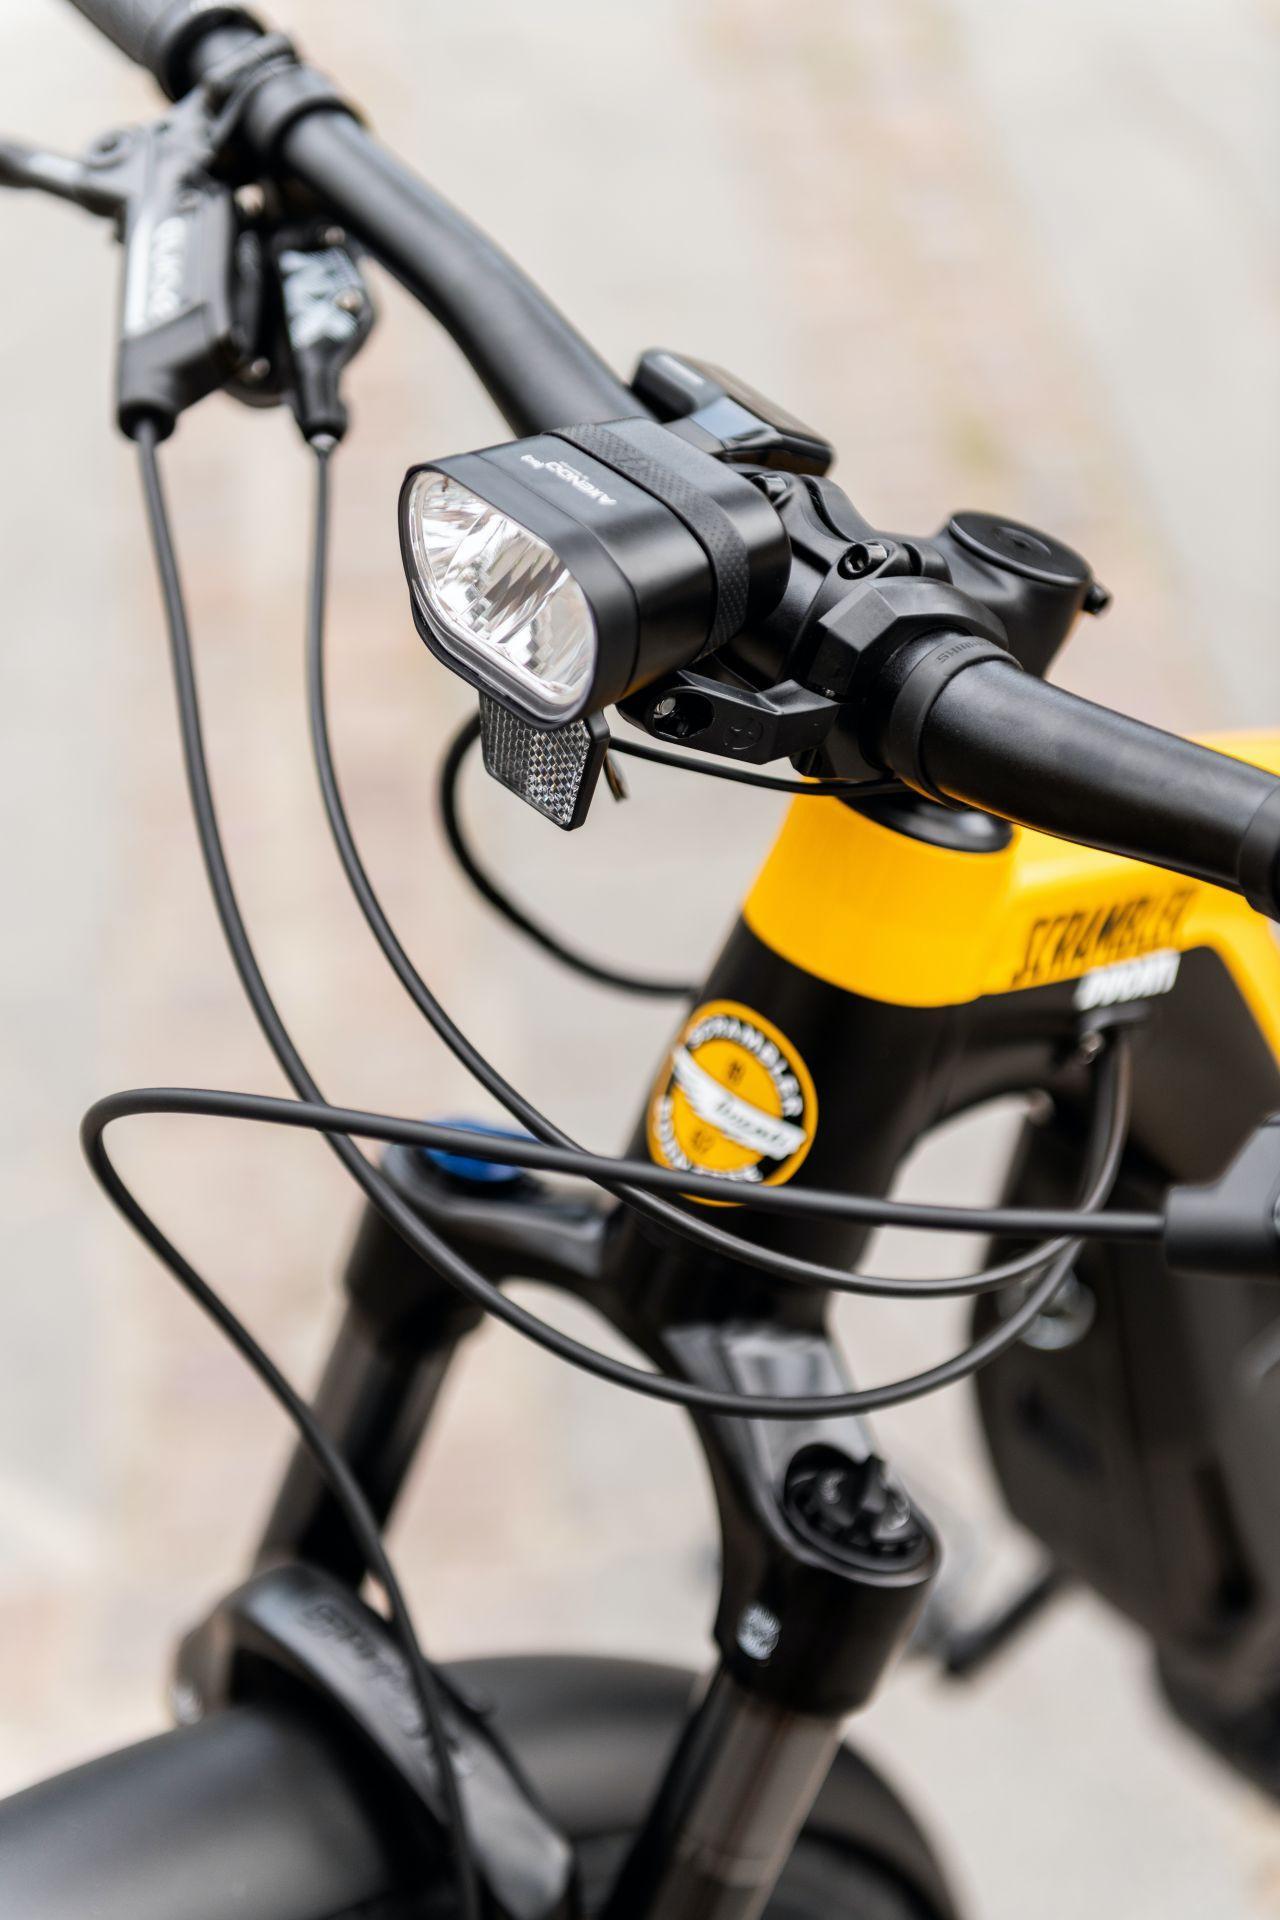 Khám phá xe đạp điện của Ducati có giá lên tới trăm triệu đồng Ảnh 10